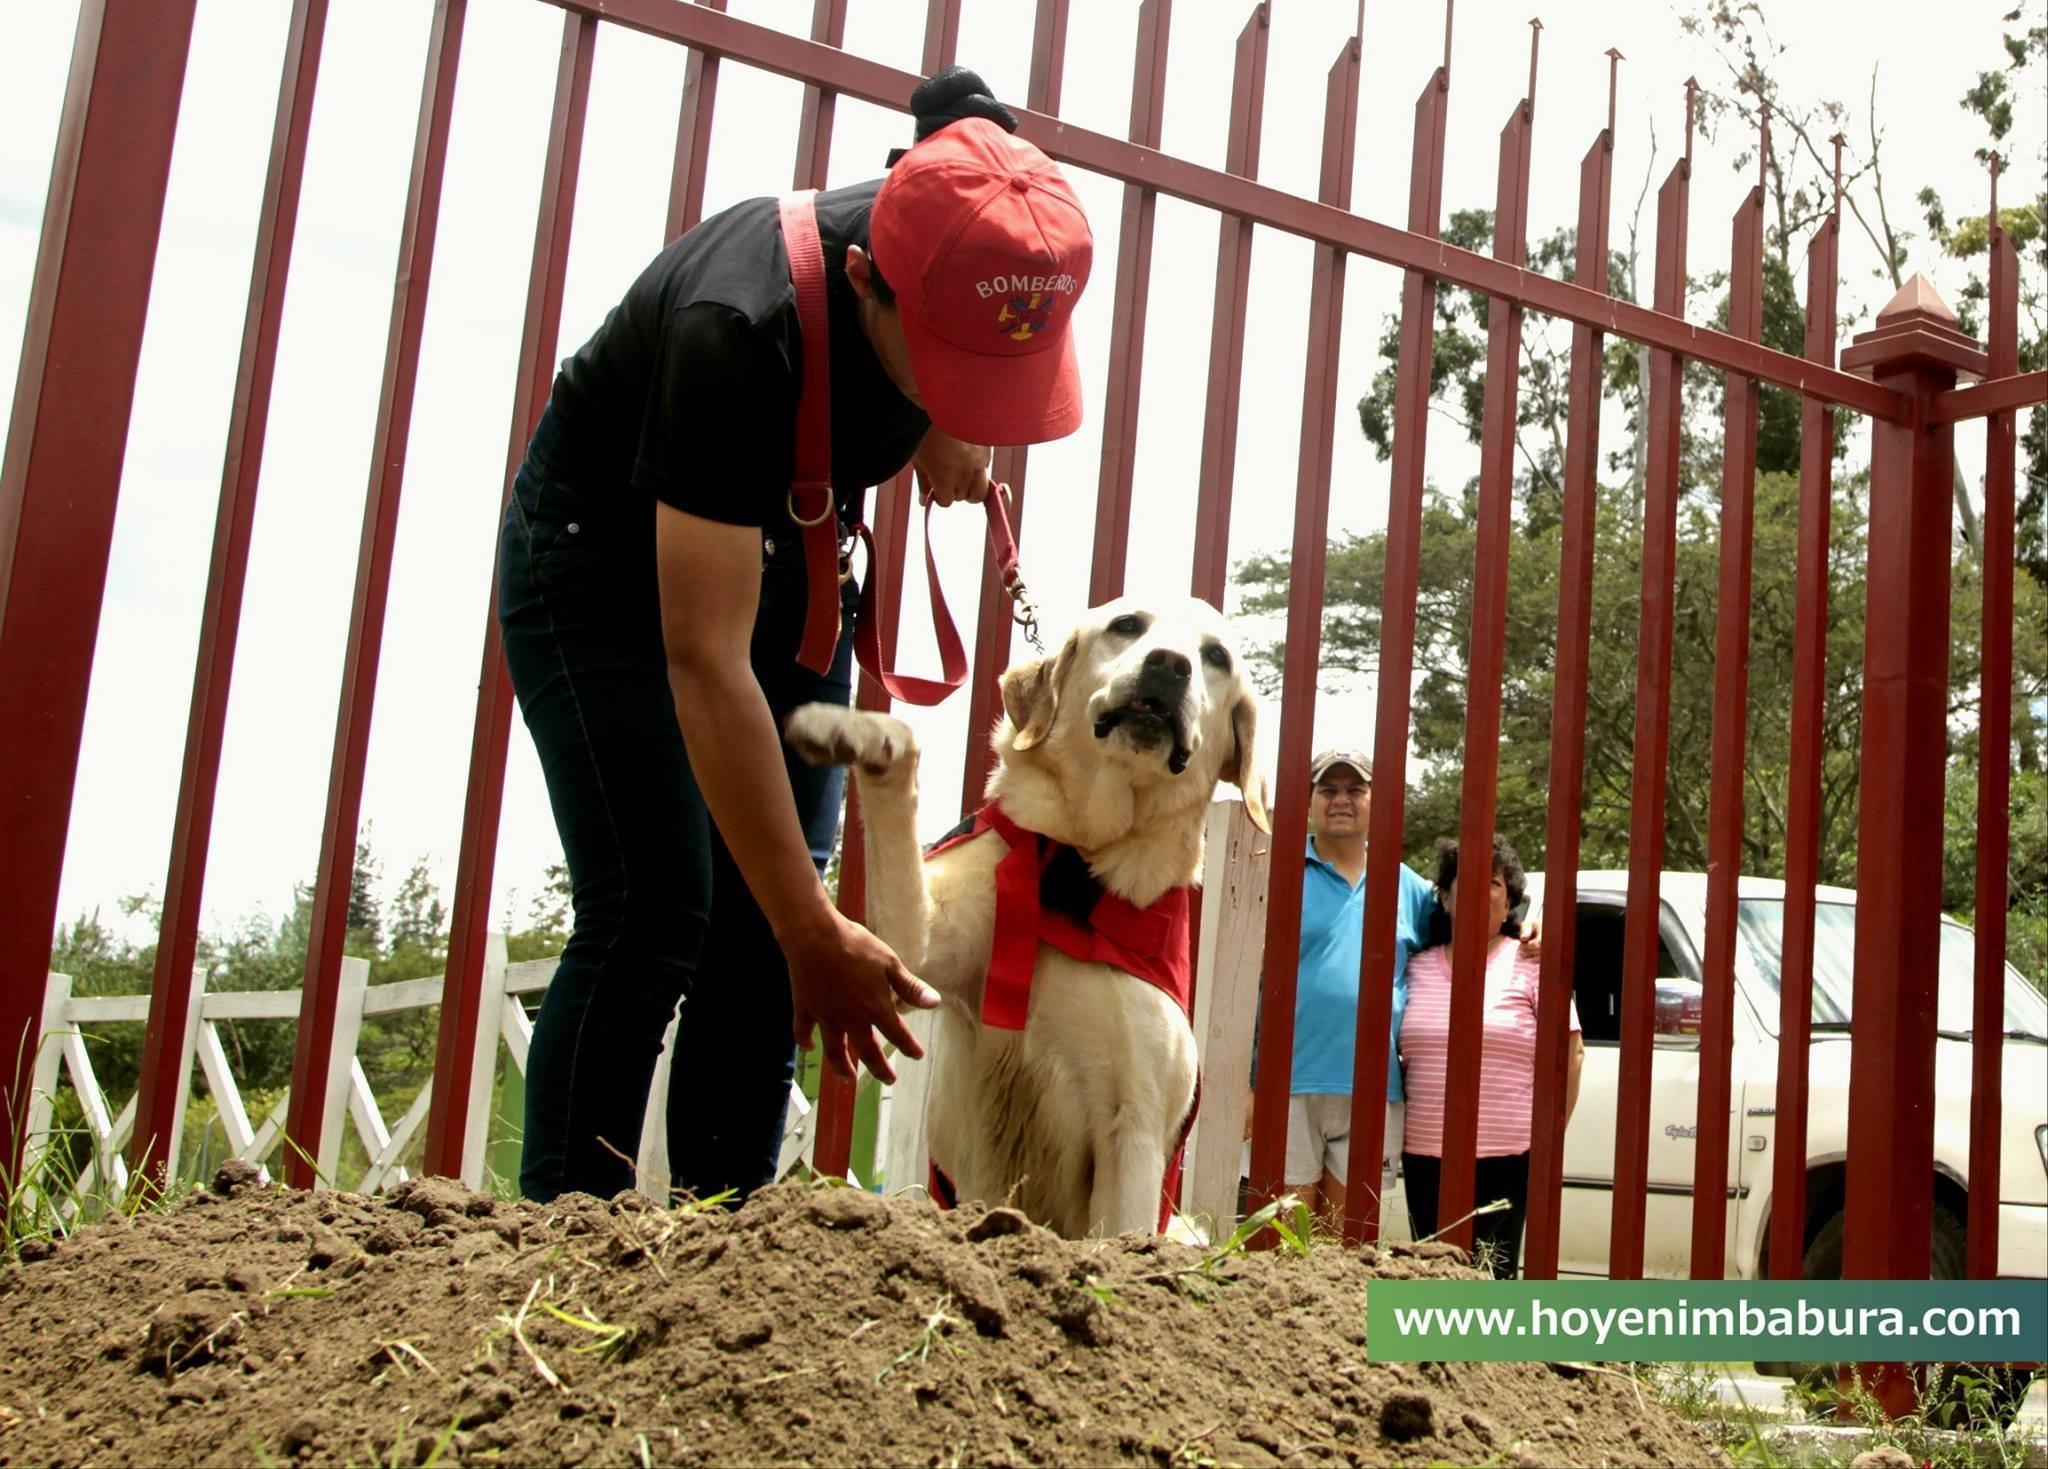 img 5a7e0b99291b5 - 搜救犬在災區「全力救援」找到生還者後自己卻不幸殉職...